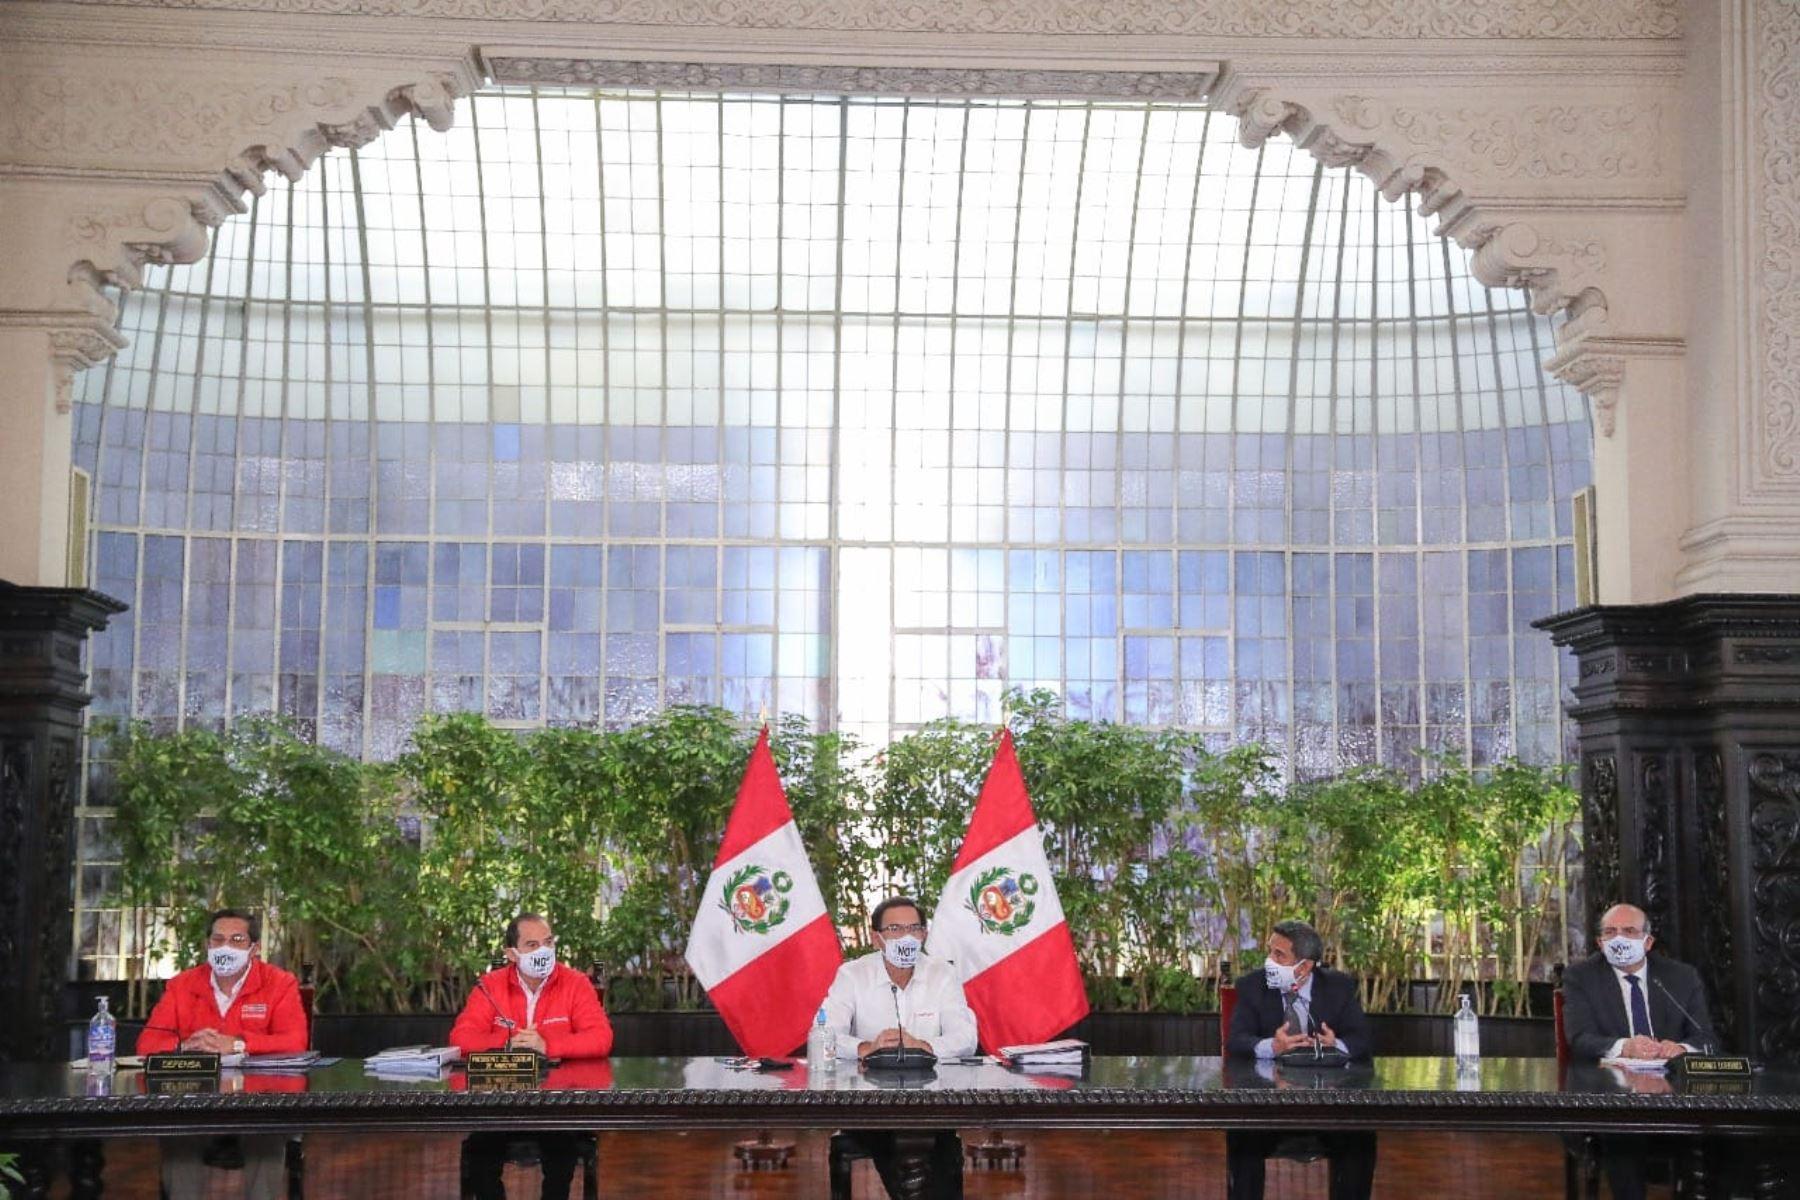 Participan de la presentación el presidente Martín Vizcarra, el premier Walter Martos y otras autoridades. Foto: ANDINA/ Prensa Presidencia